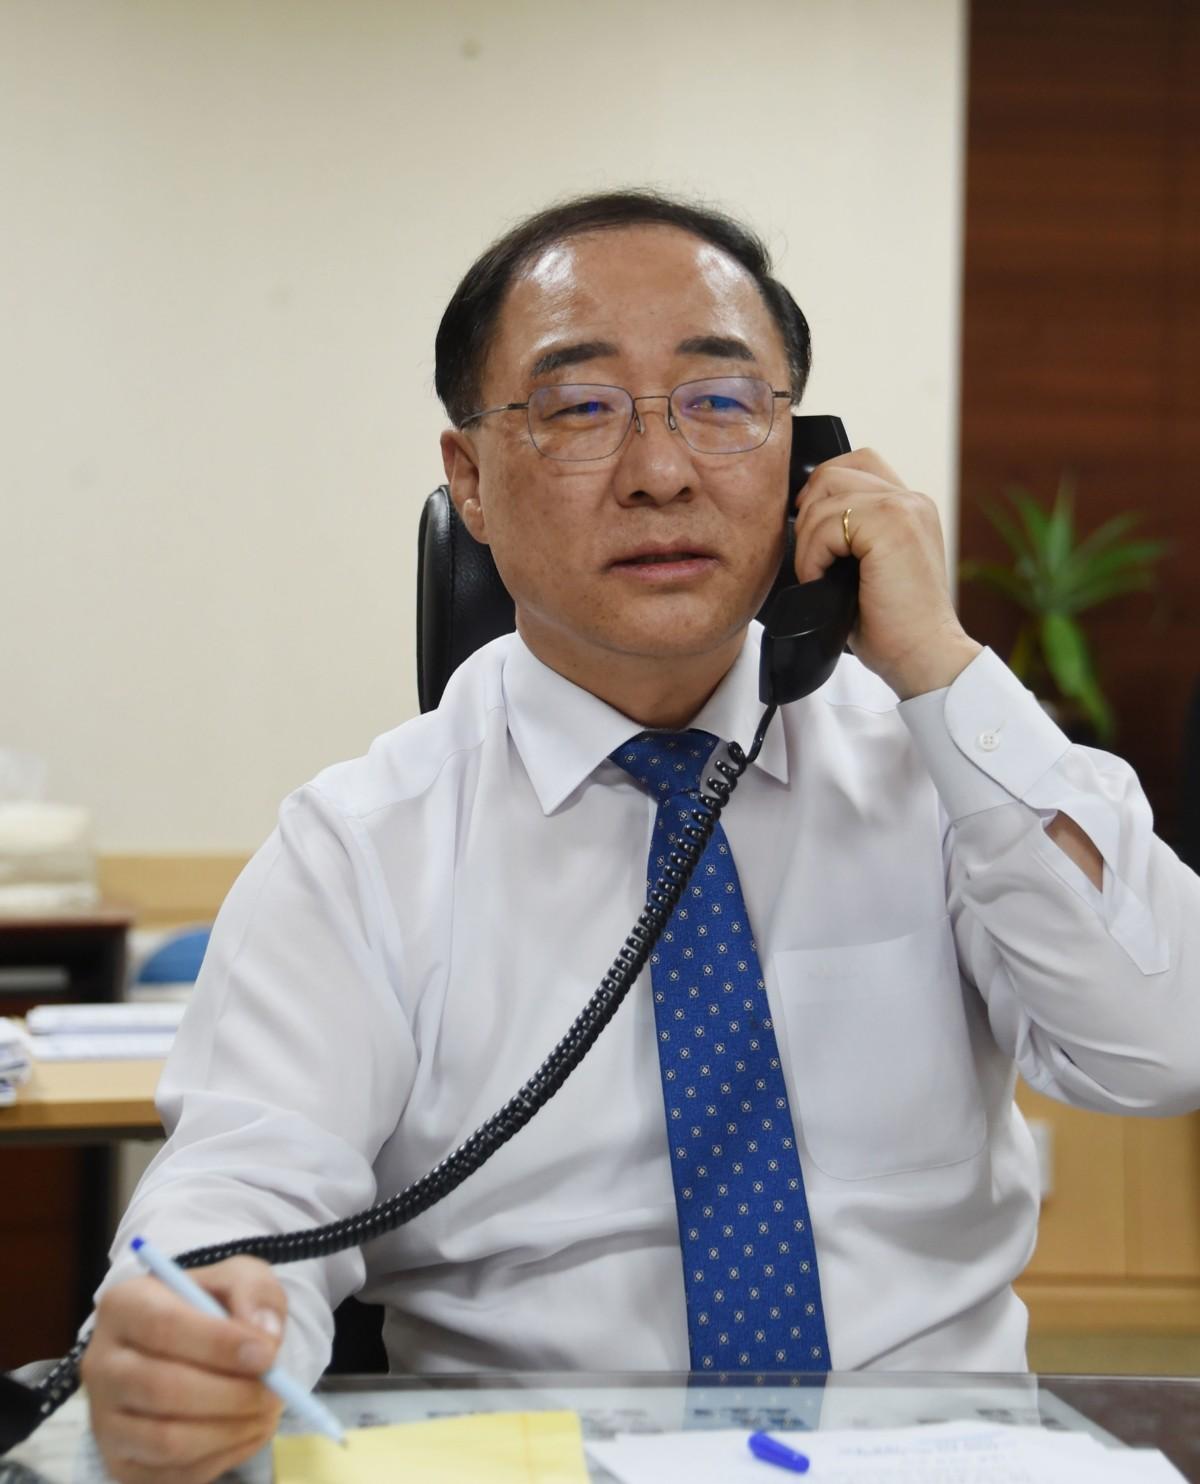 홍남기, 므누신 미 재무장관과 첫 통화…자동차 관세 제외 요청